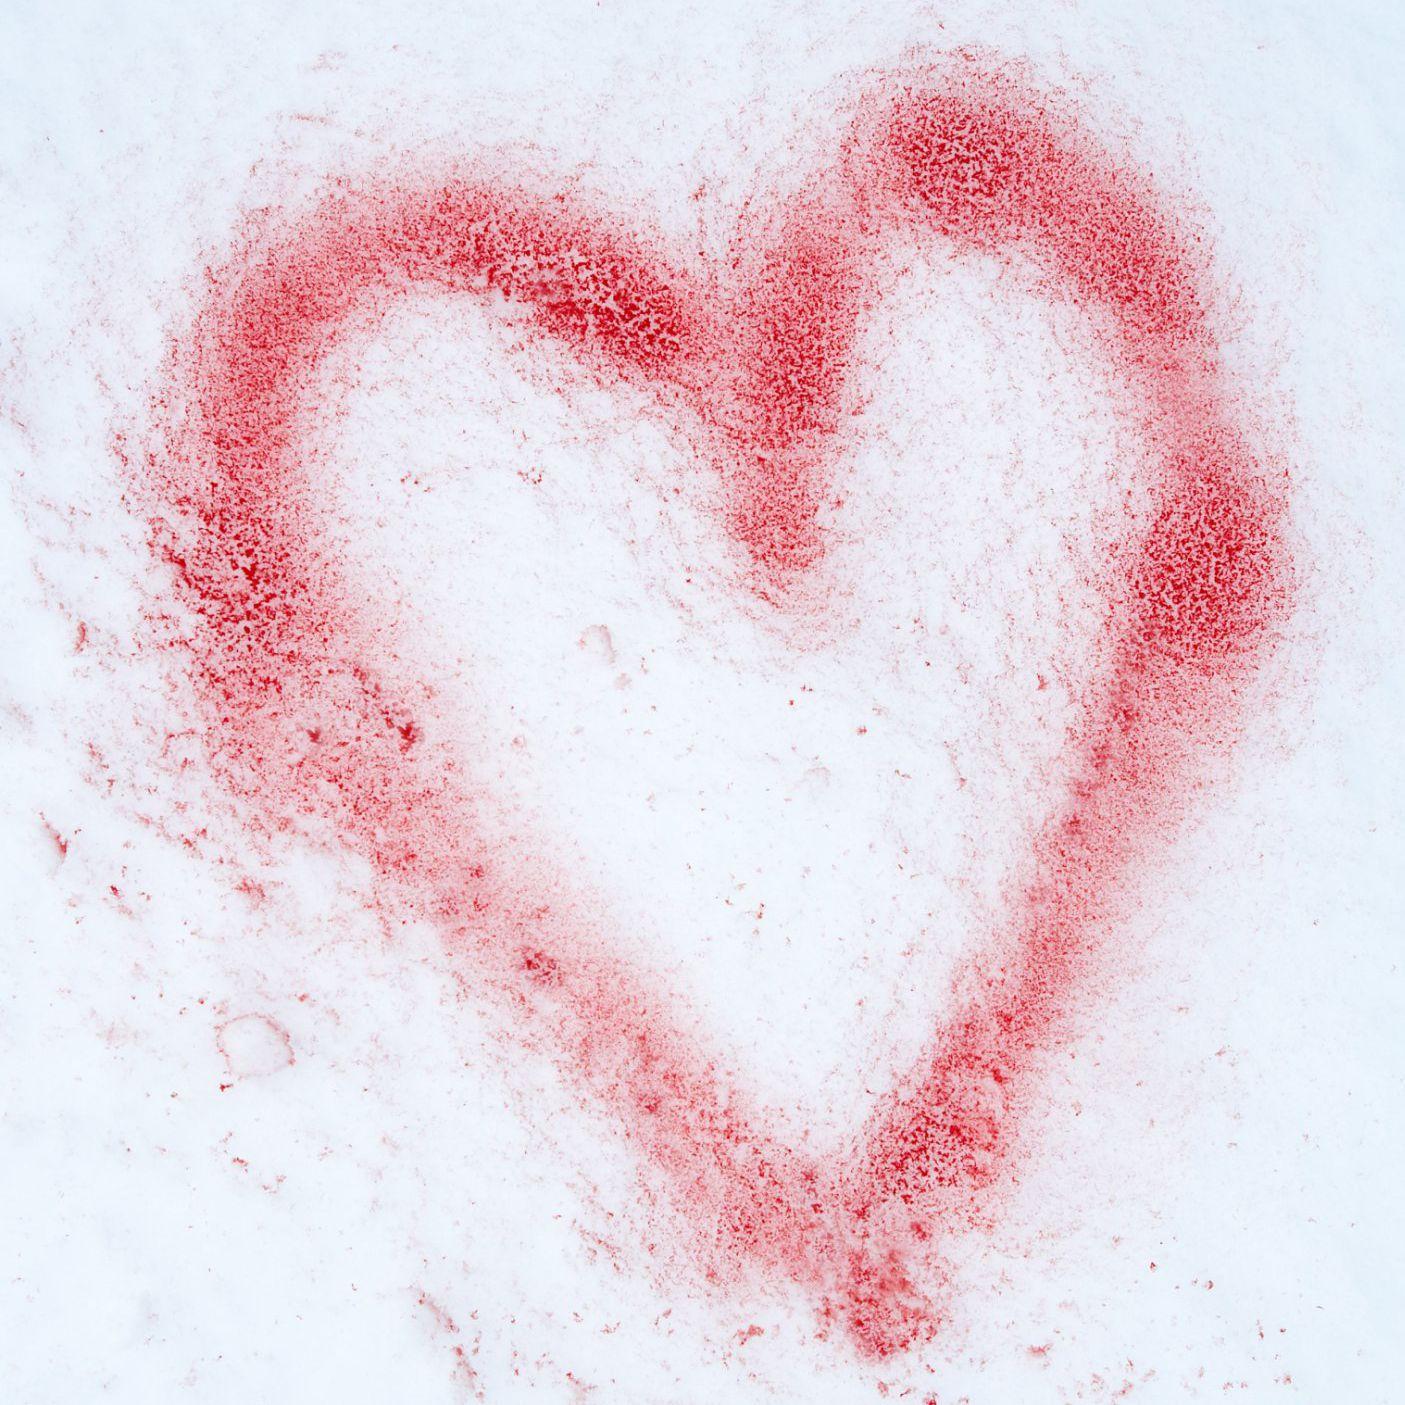 Snow Heart 56a36fec5f9b58b7d0d1f451